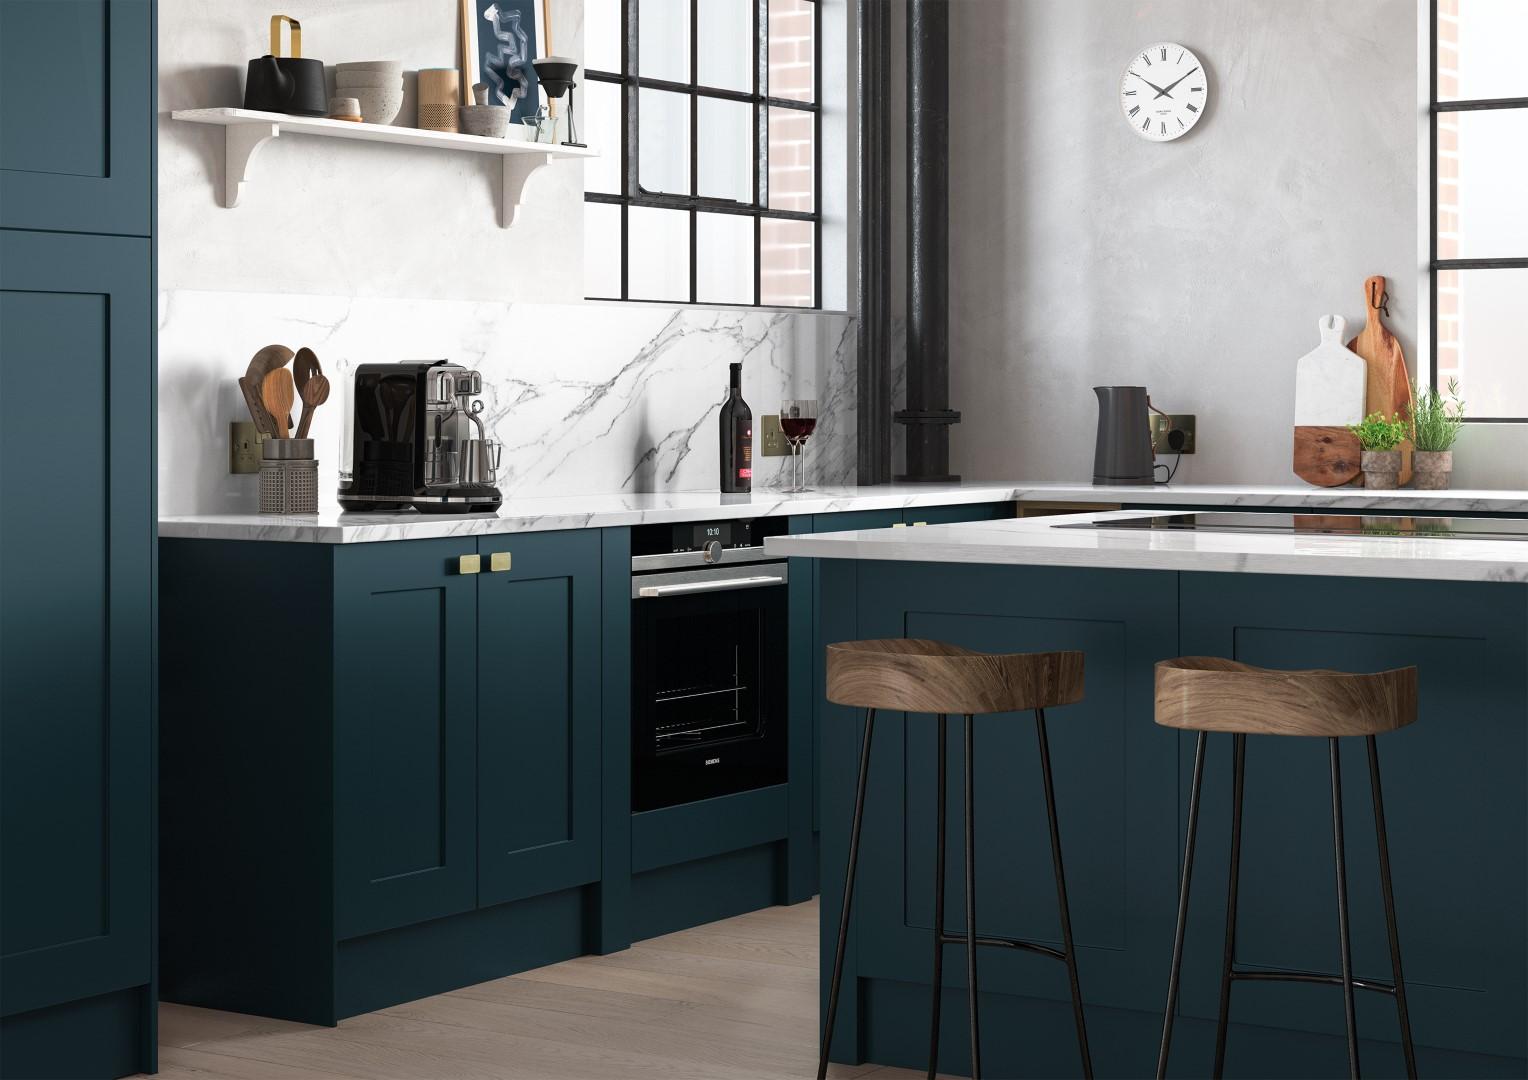 Georgia Marine - Kitchen Design - Alan Kelly Kitchens - Waterford - 2